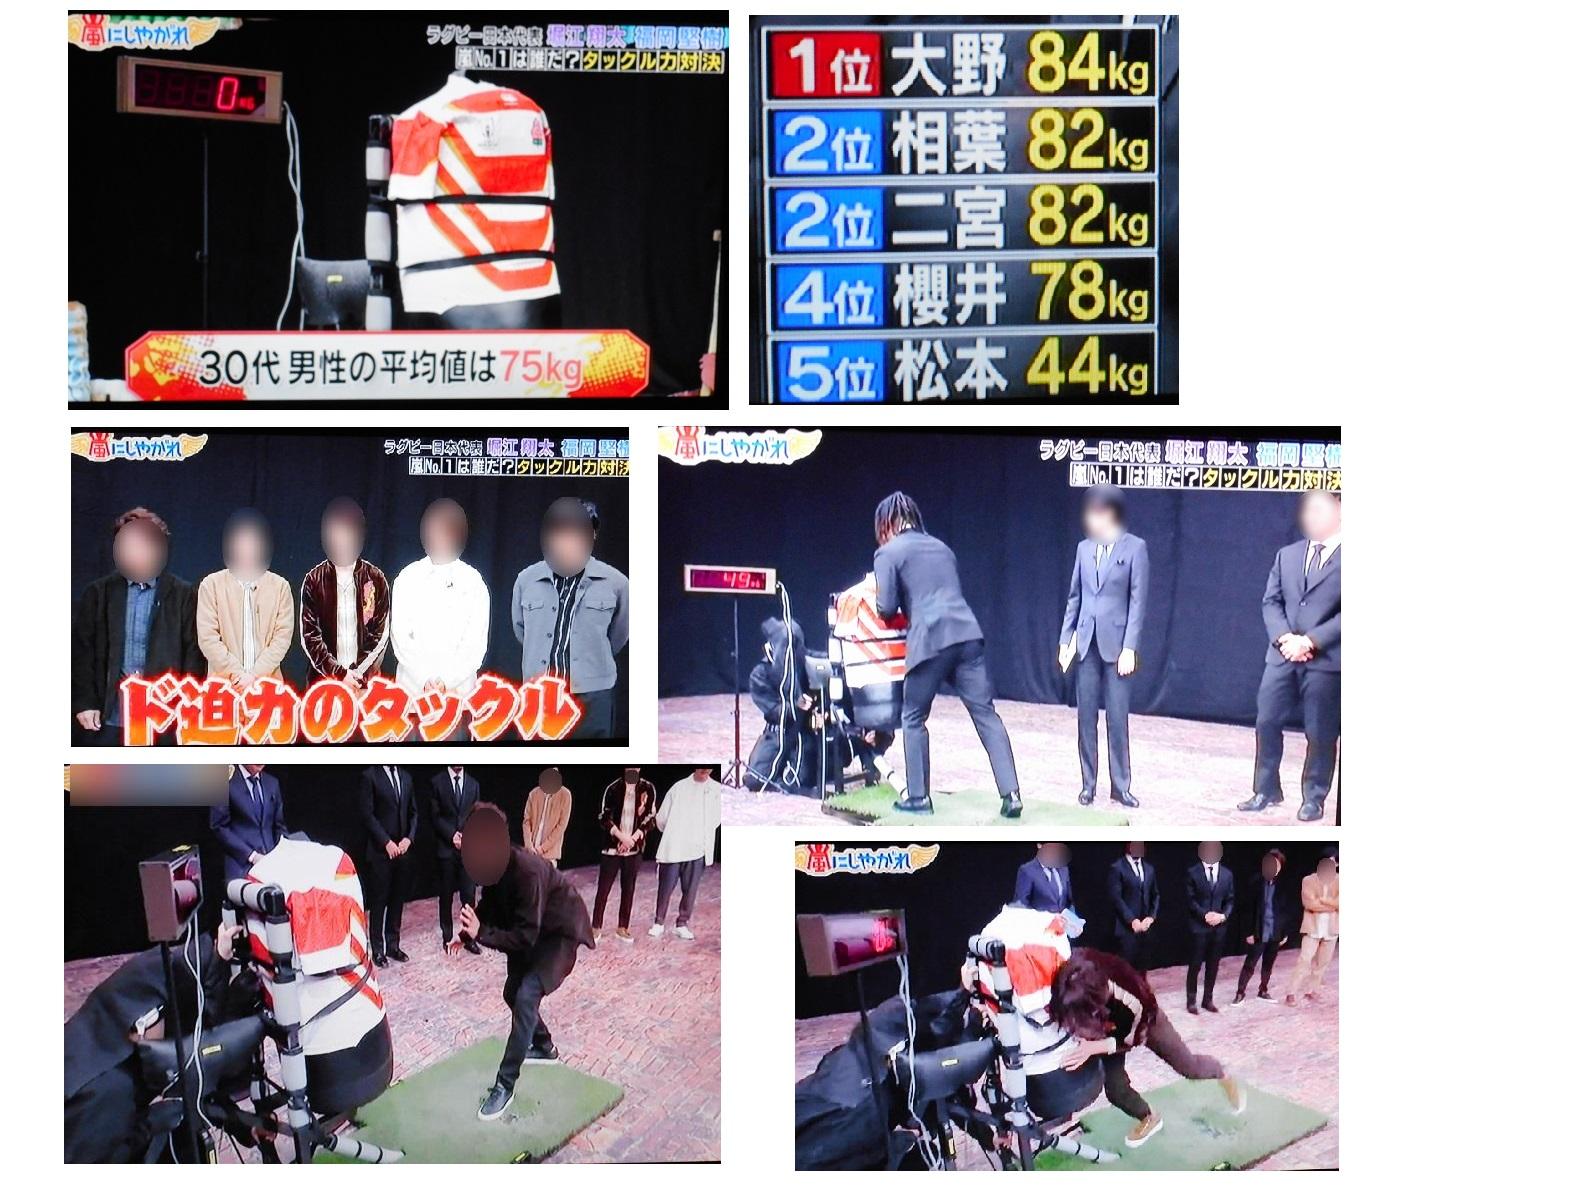 タックルマシン(テレビ番組)